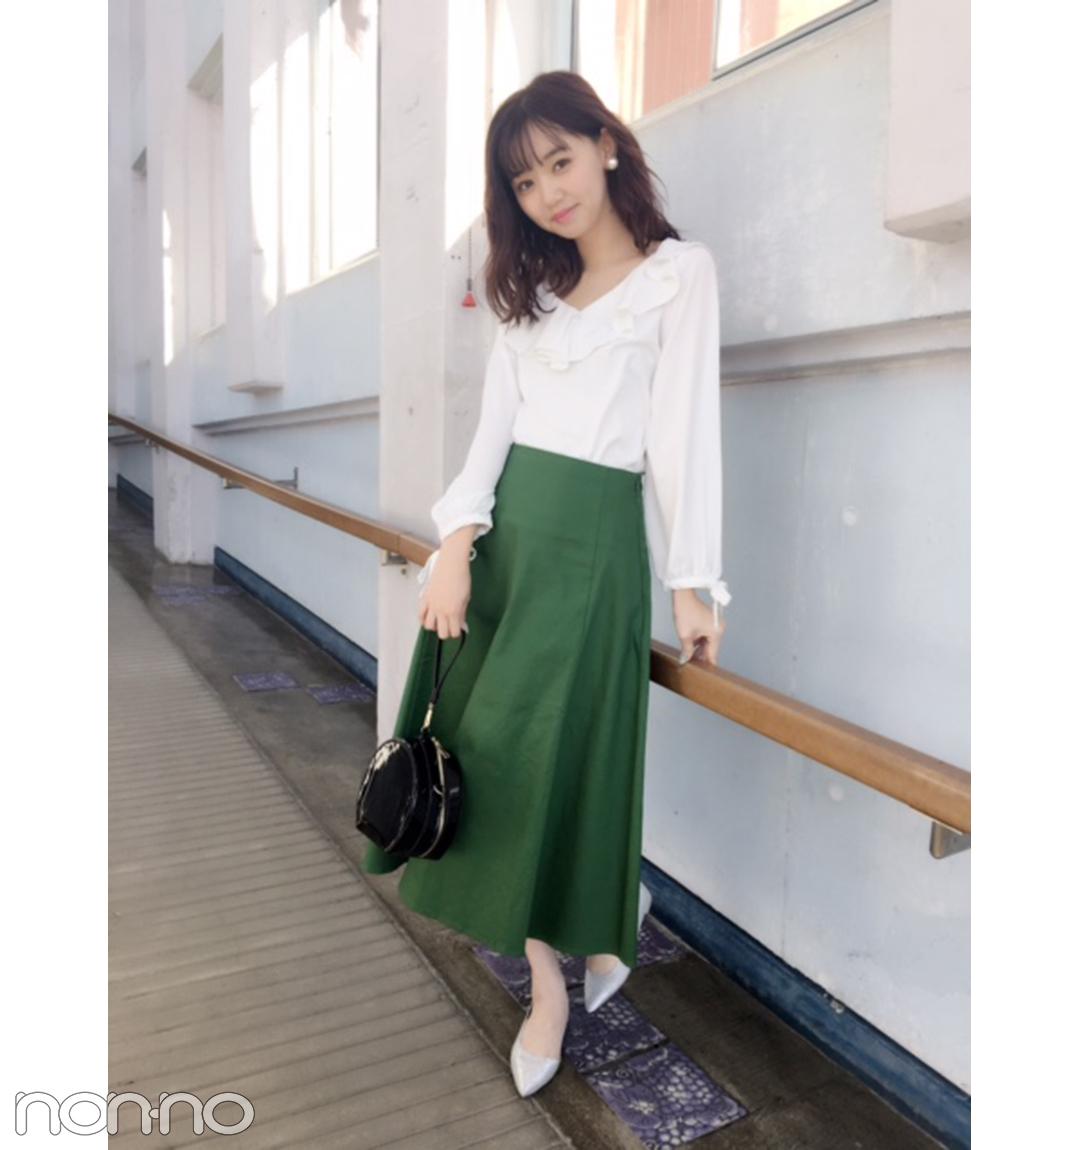 江野沢愛美は大人グリーンのスカートで洗練フェミニン♡ 【毎日コーデ】_1_1